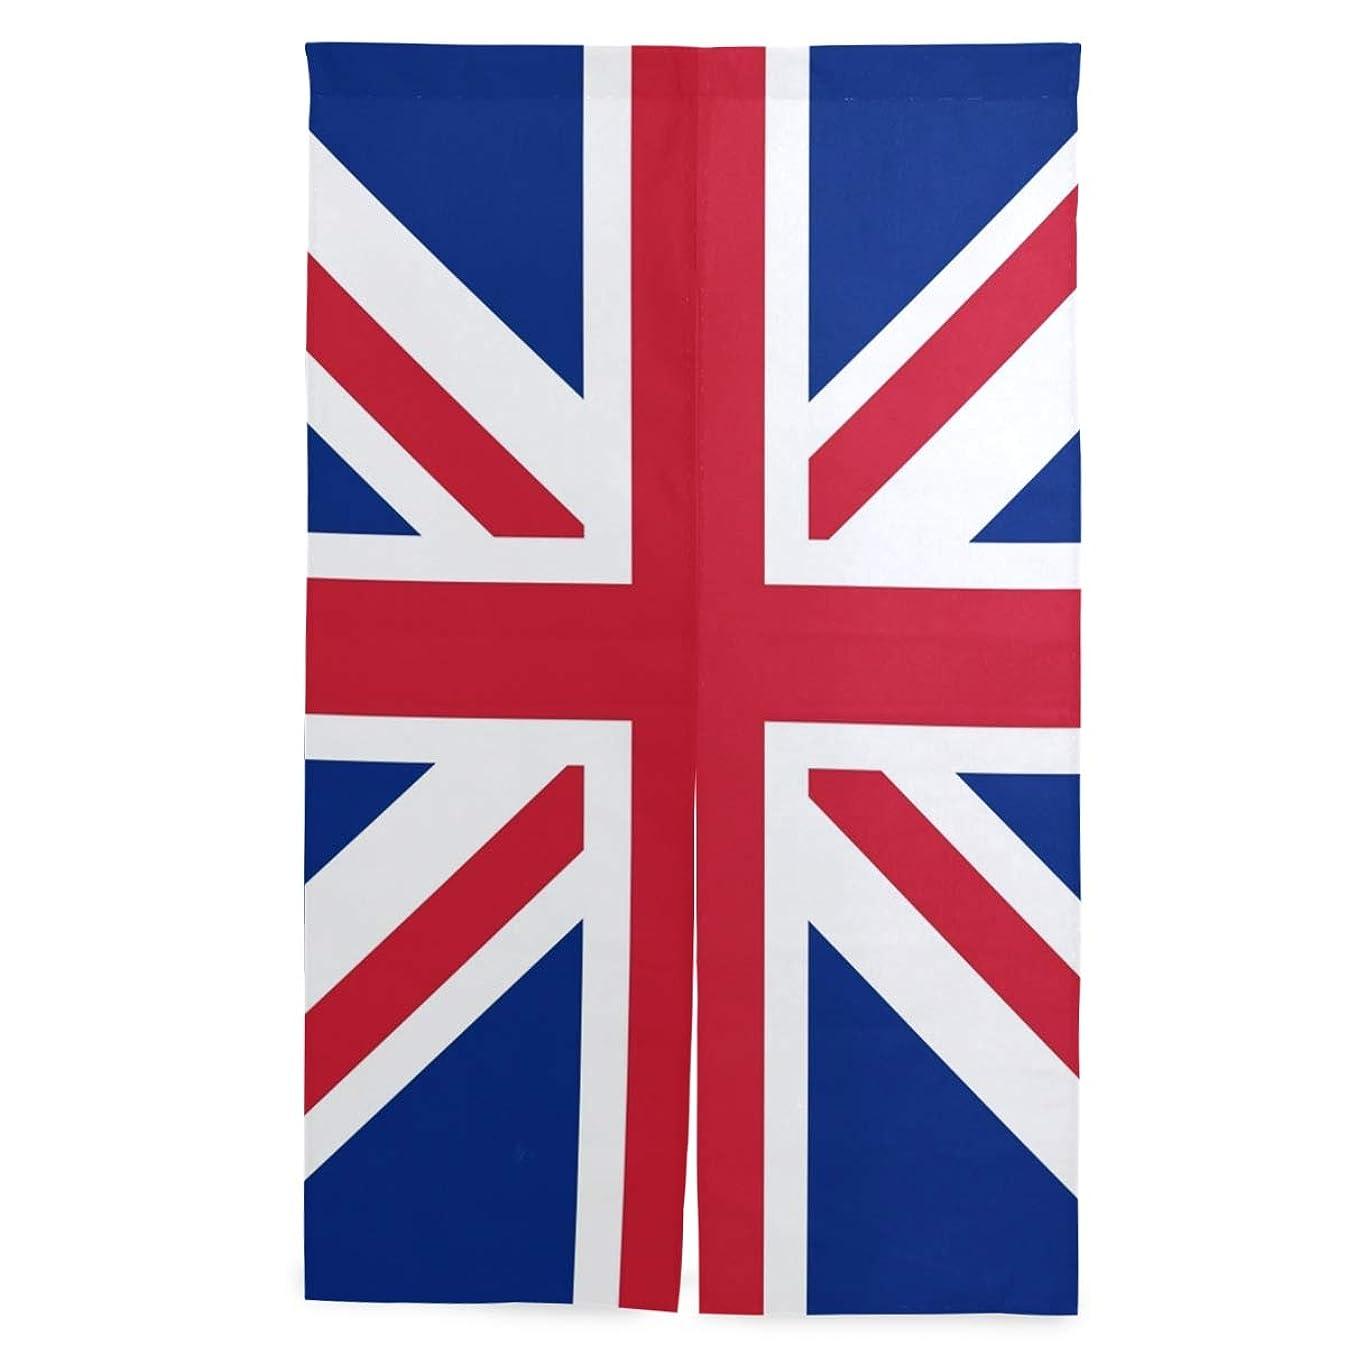 手錠地球あえぎのれん イギリス国旗柄 暖簾 ロング 遮光 のれん 玄関 キッチン リビング 飲食店 出入り口 幅86cm×丈143cm 突っ張り棒付き